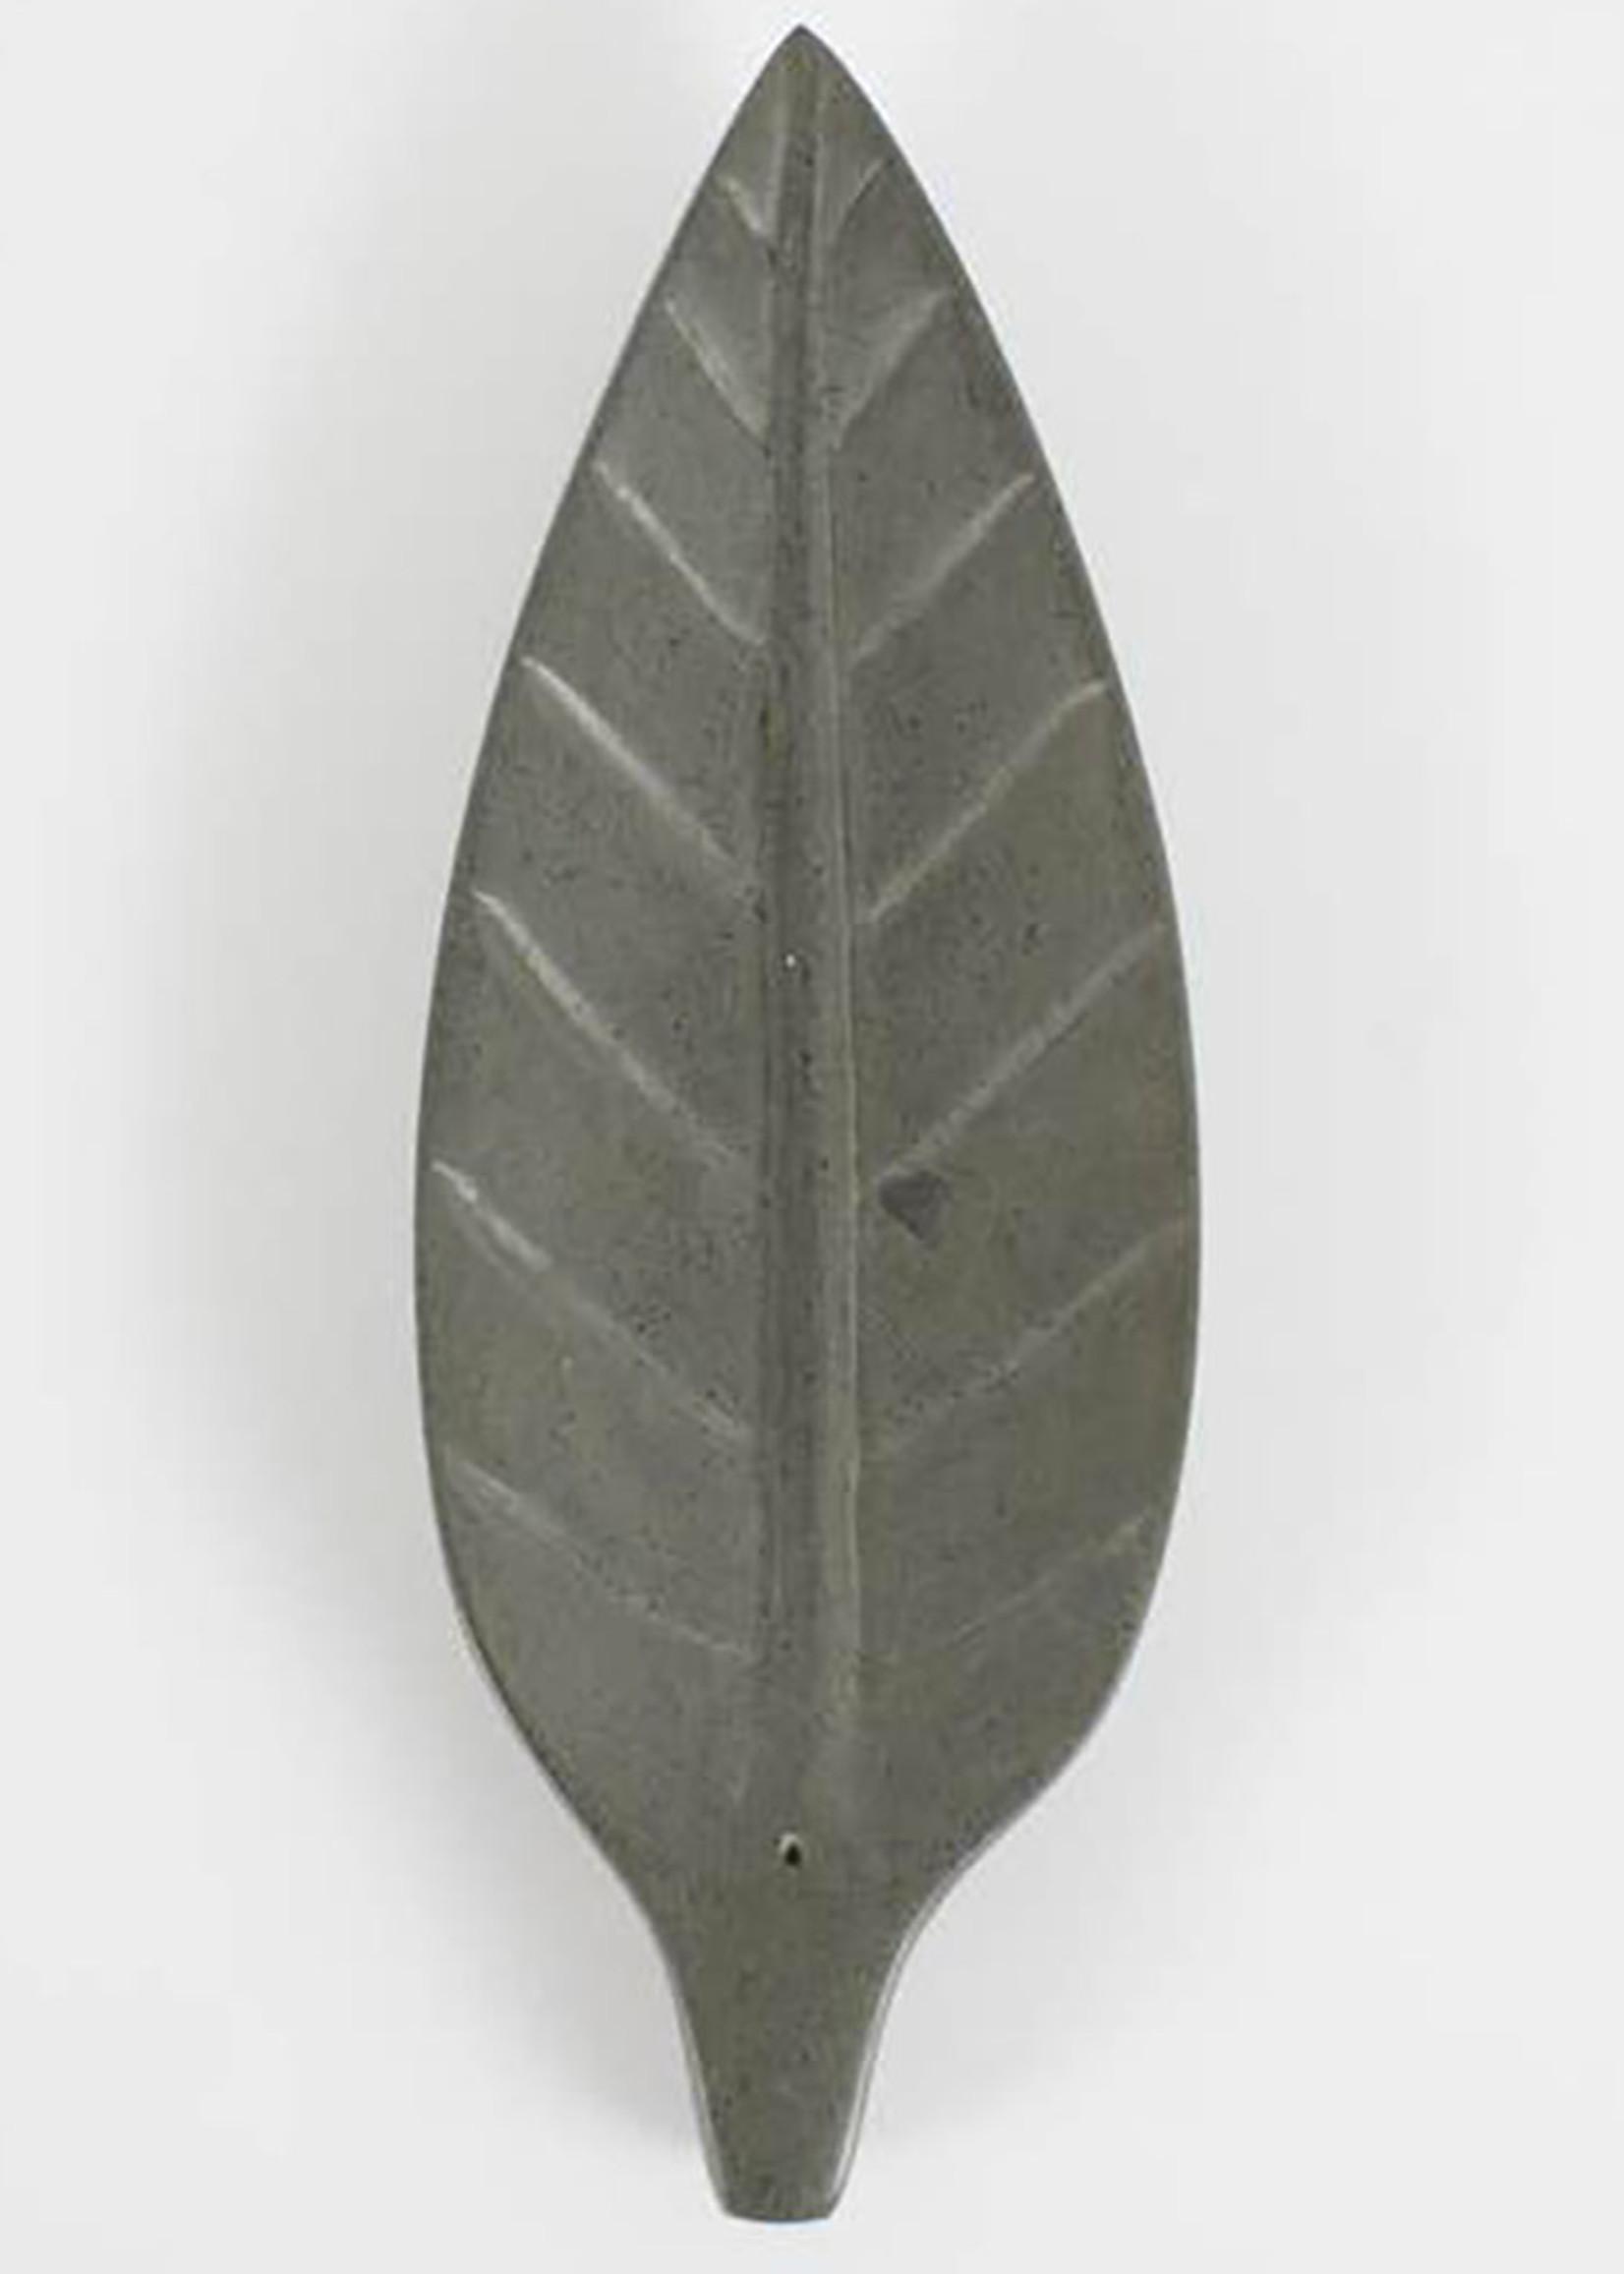 Stone Leaf Incense Holder